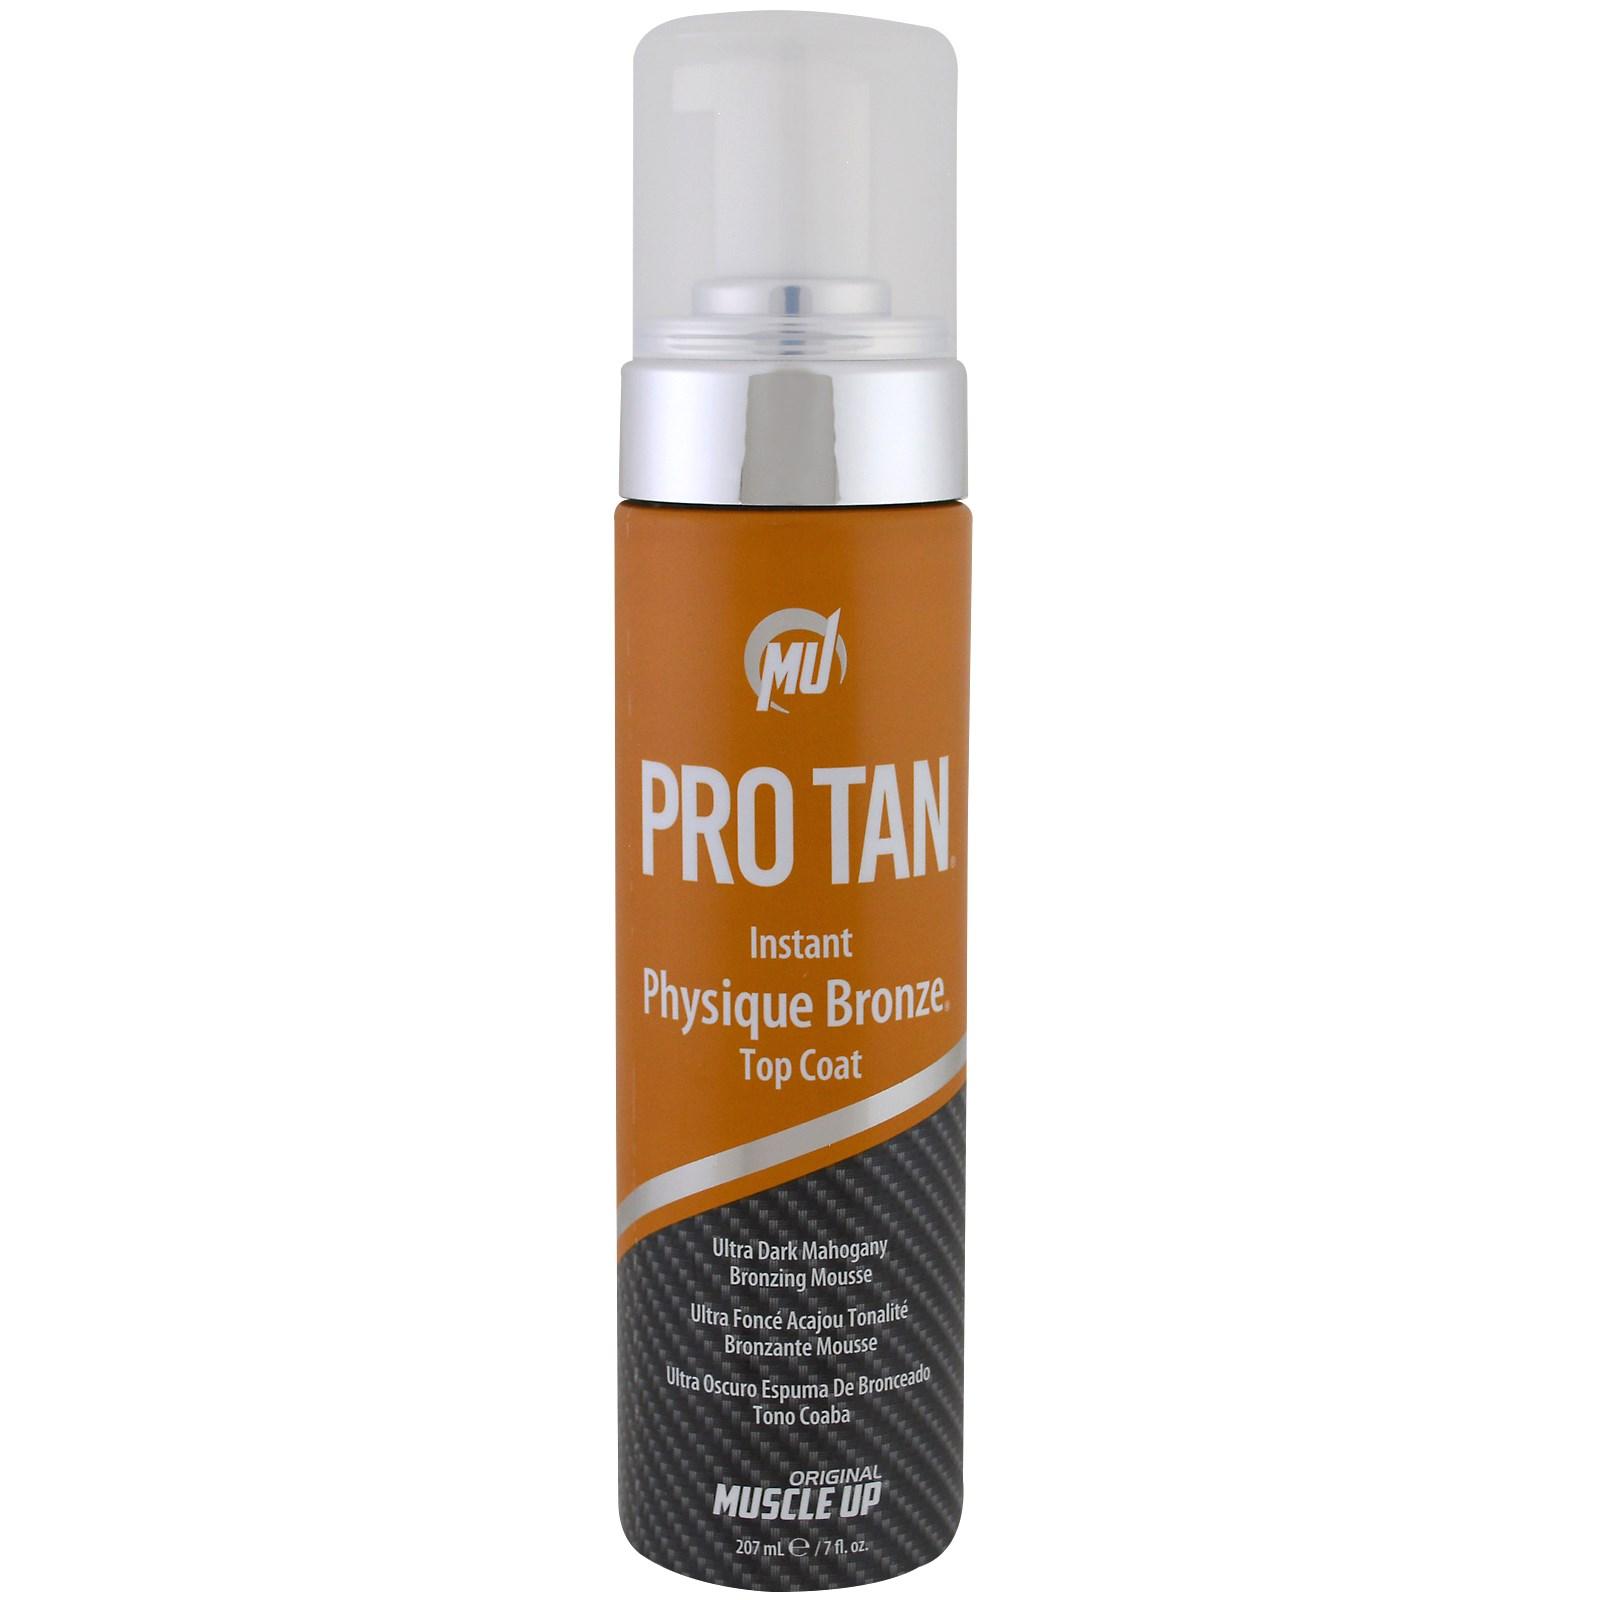 Pro Tan USA, Мгновенный бронзовый загар, лучшее покрытие, с аппликатором, 7 ж. унц. (207 мл)